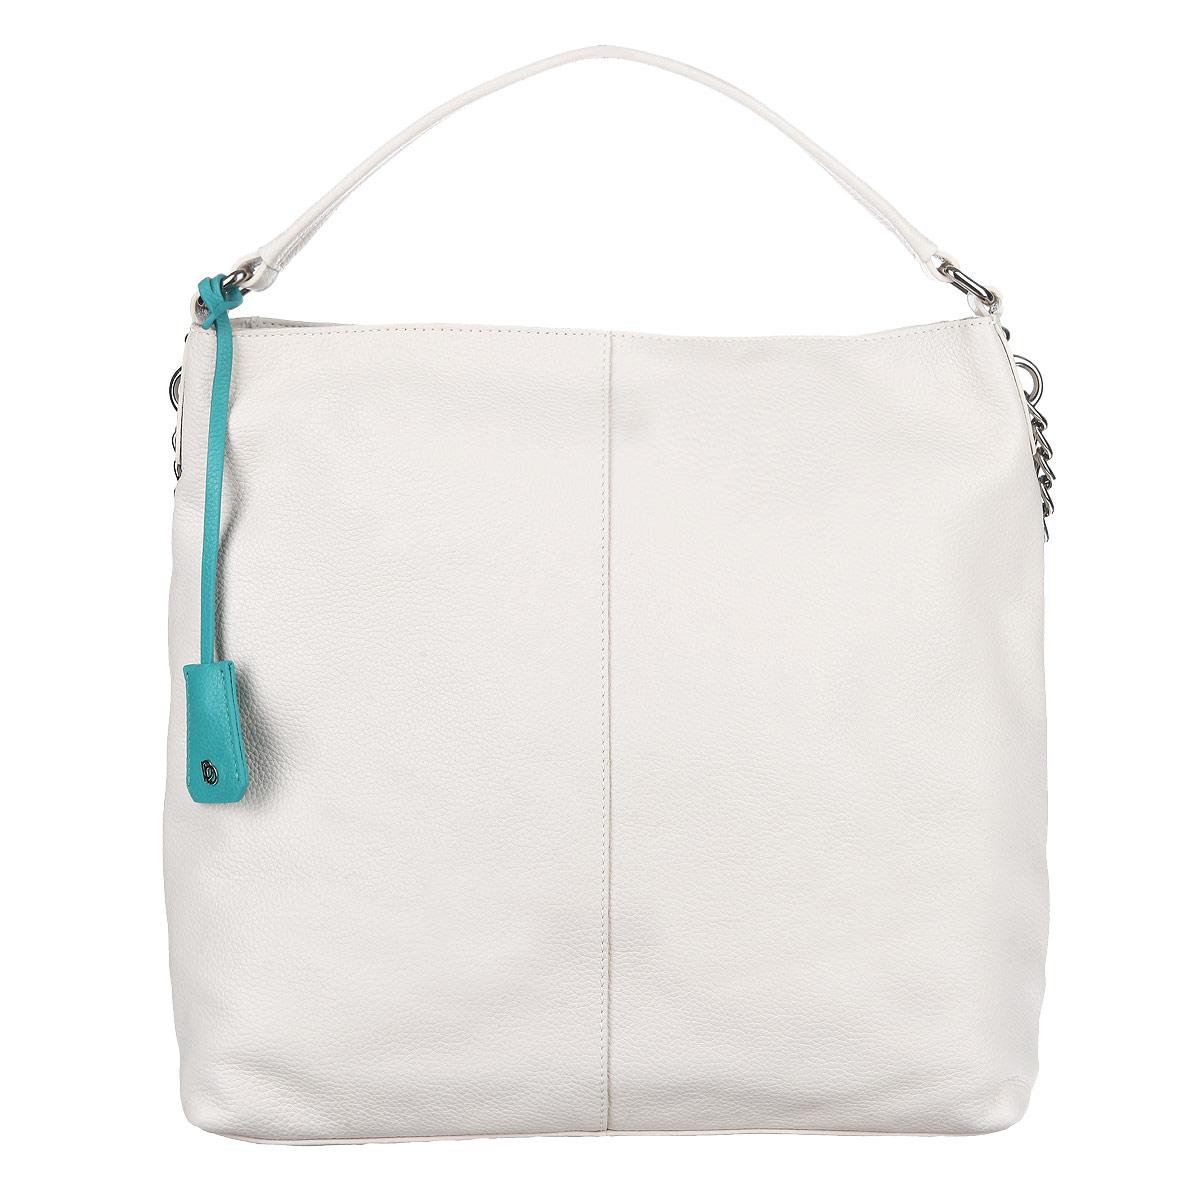 Сумка женская Pimobetti, цвет: кремовый. 13796B1-W113796B1-W1Модная женская сумка Pimobetti изготовлена из натуральной кожи и оформлена фактурным тиснением, стильным фирменным брелоком. В сумке - одно отделение, закрывающееся на застежку-молнию. Внутри - два накладных кармашка для мелочей и один врезной карман на молнии. На обратной стороне изделия расположен врезной карман на застежке-молнии. Ручка и плечевой ремень выполнены в виде кожаных ремешков, переходящих в металлические цепочки. Дно оснащено металлическими ножками, защищающими изделие от повреждений. Изделие упаковано в фирменный чехол. Сумка - стильный аксессуар, который подчеркнет вашу индивидуальность и изысканность и сделает ваш образ завершенным.